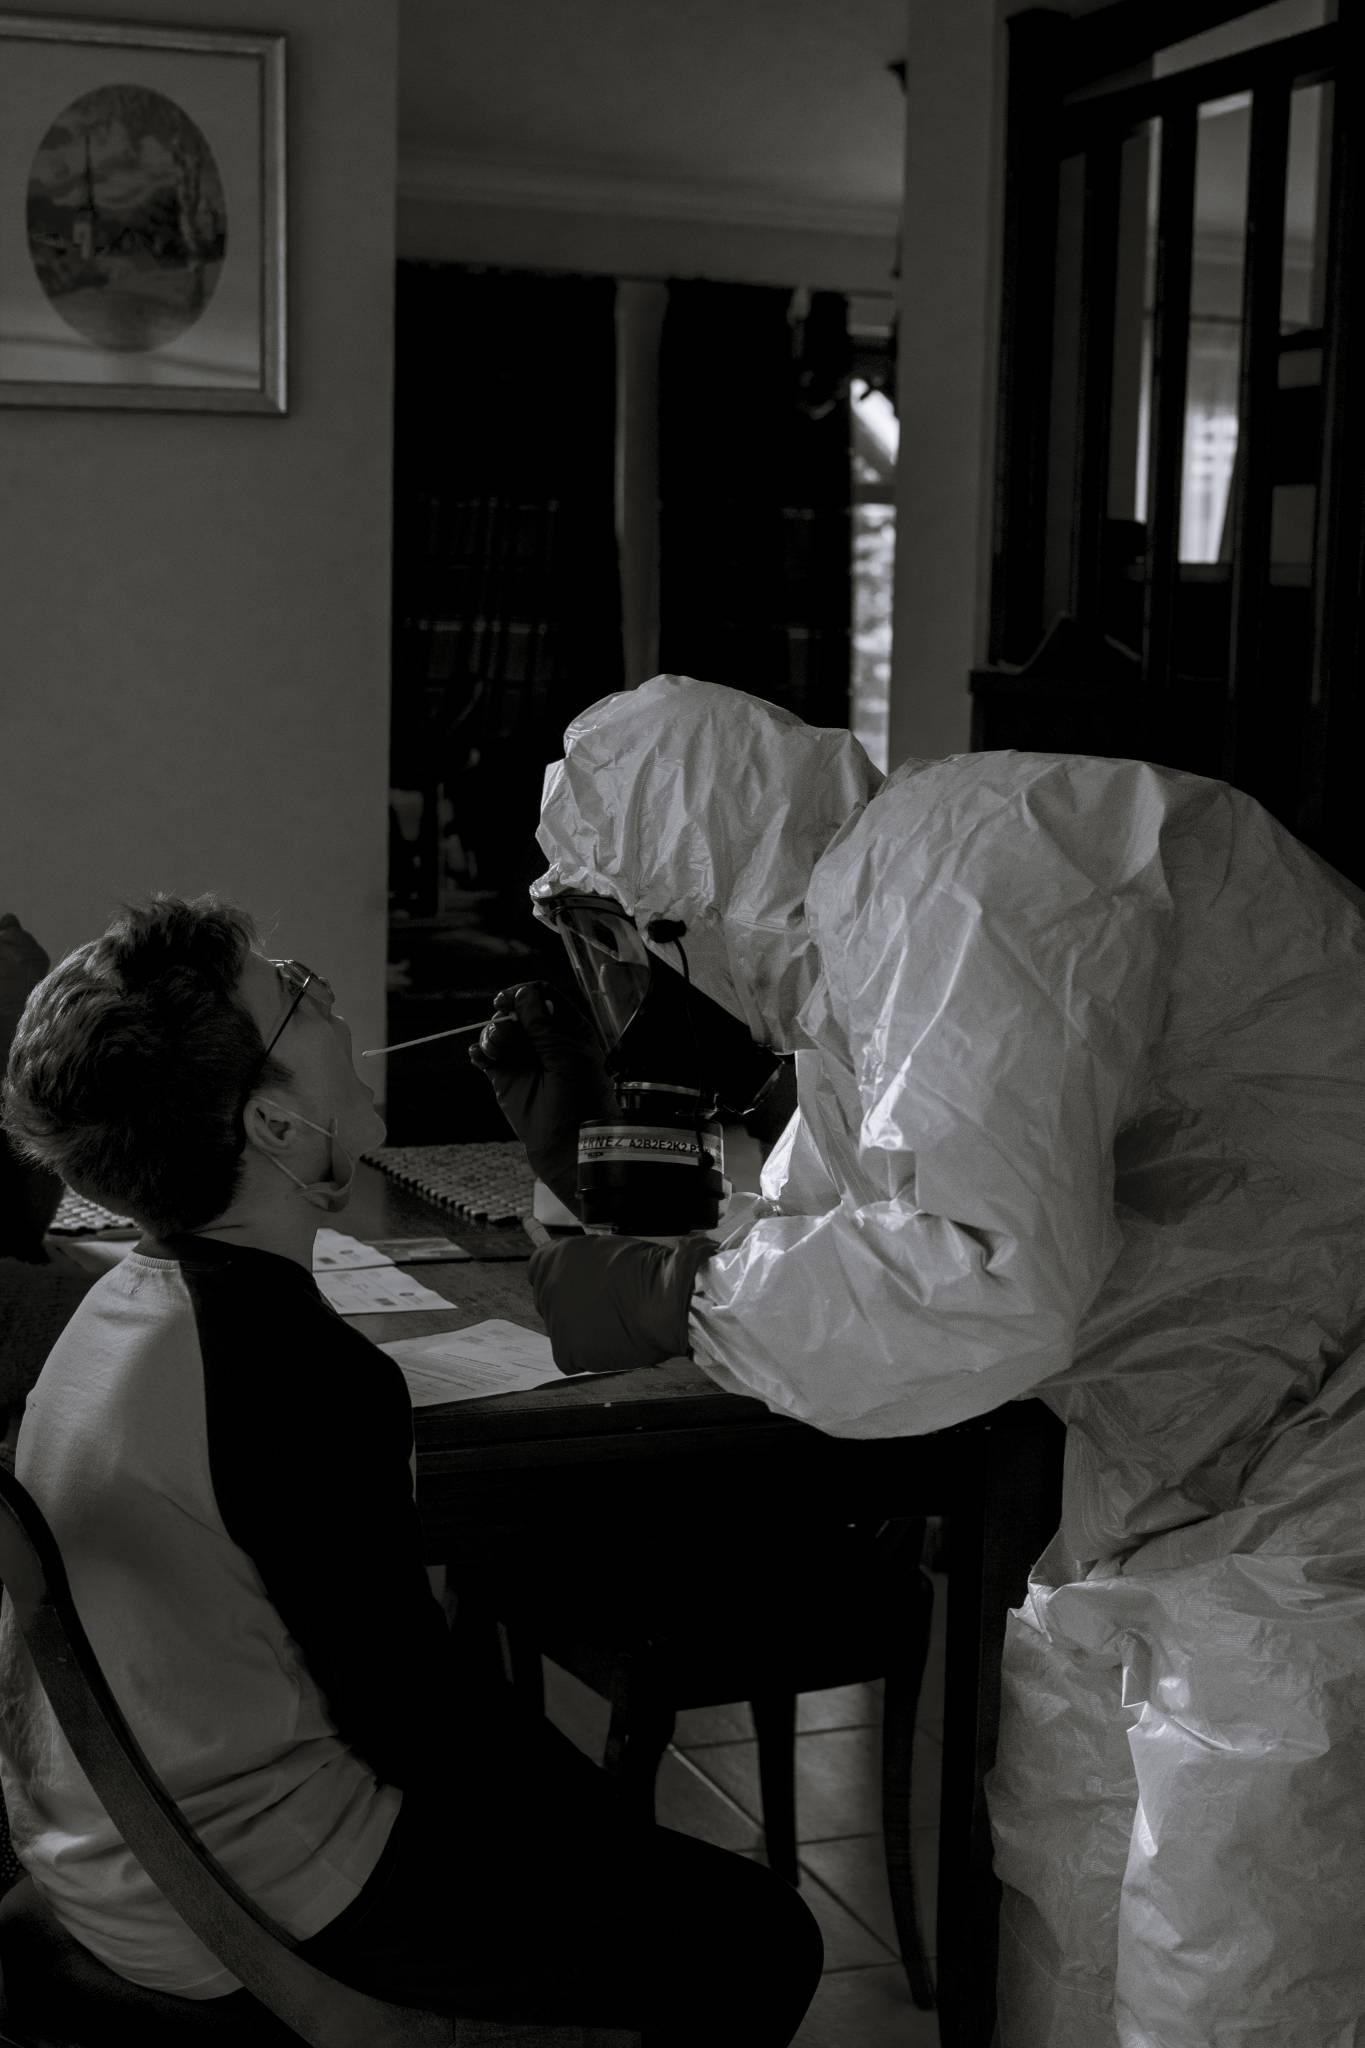 Z wirusem w czterech ścianach. Fotoreportaż